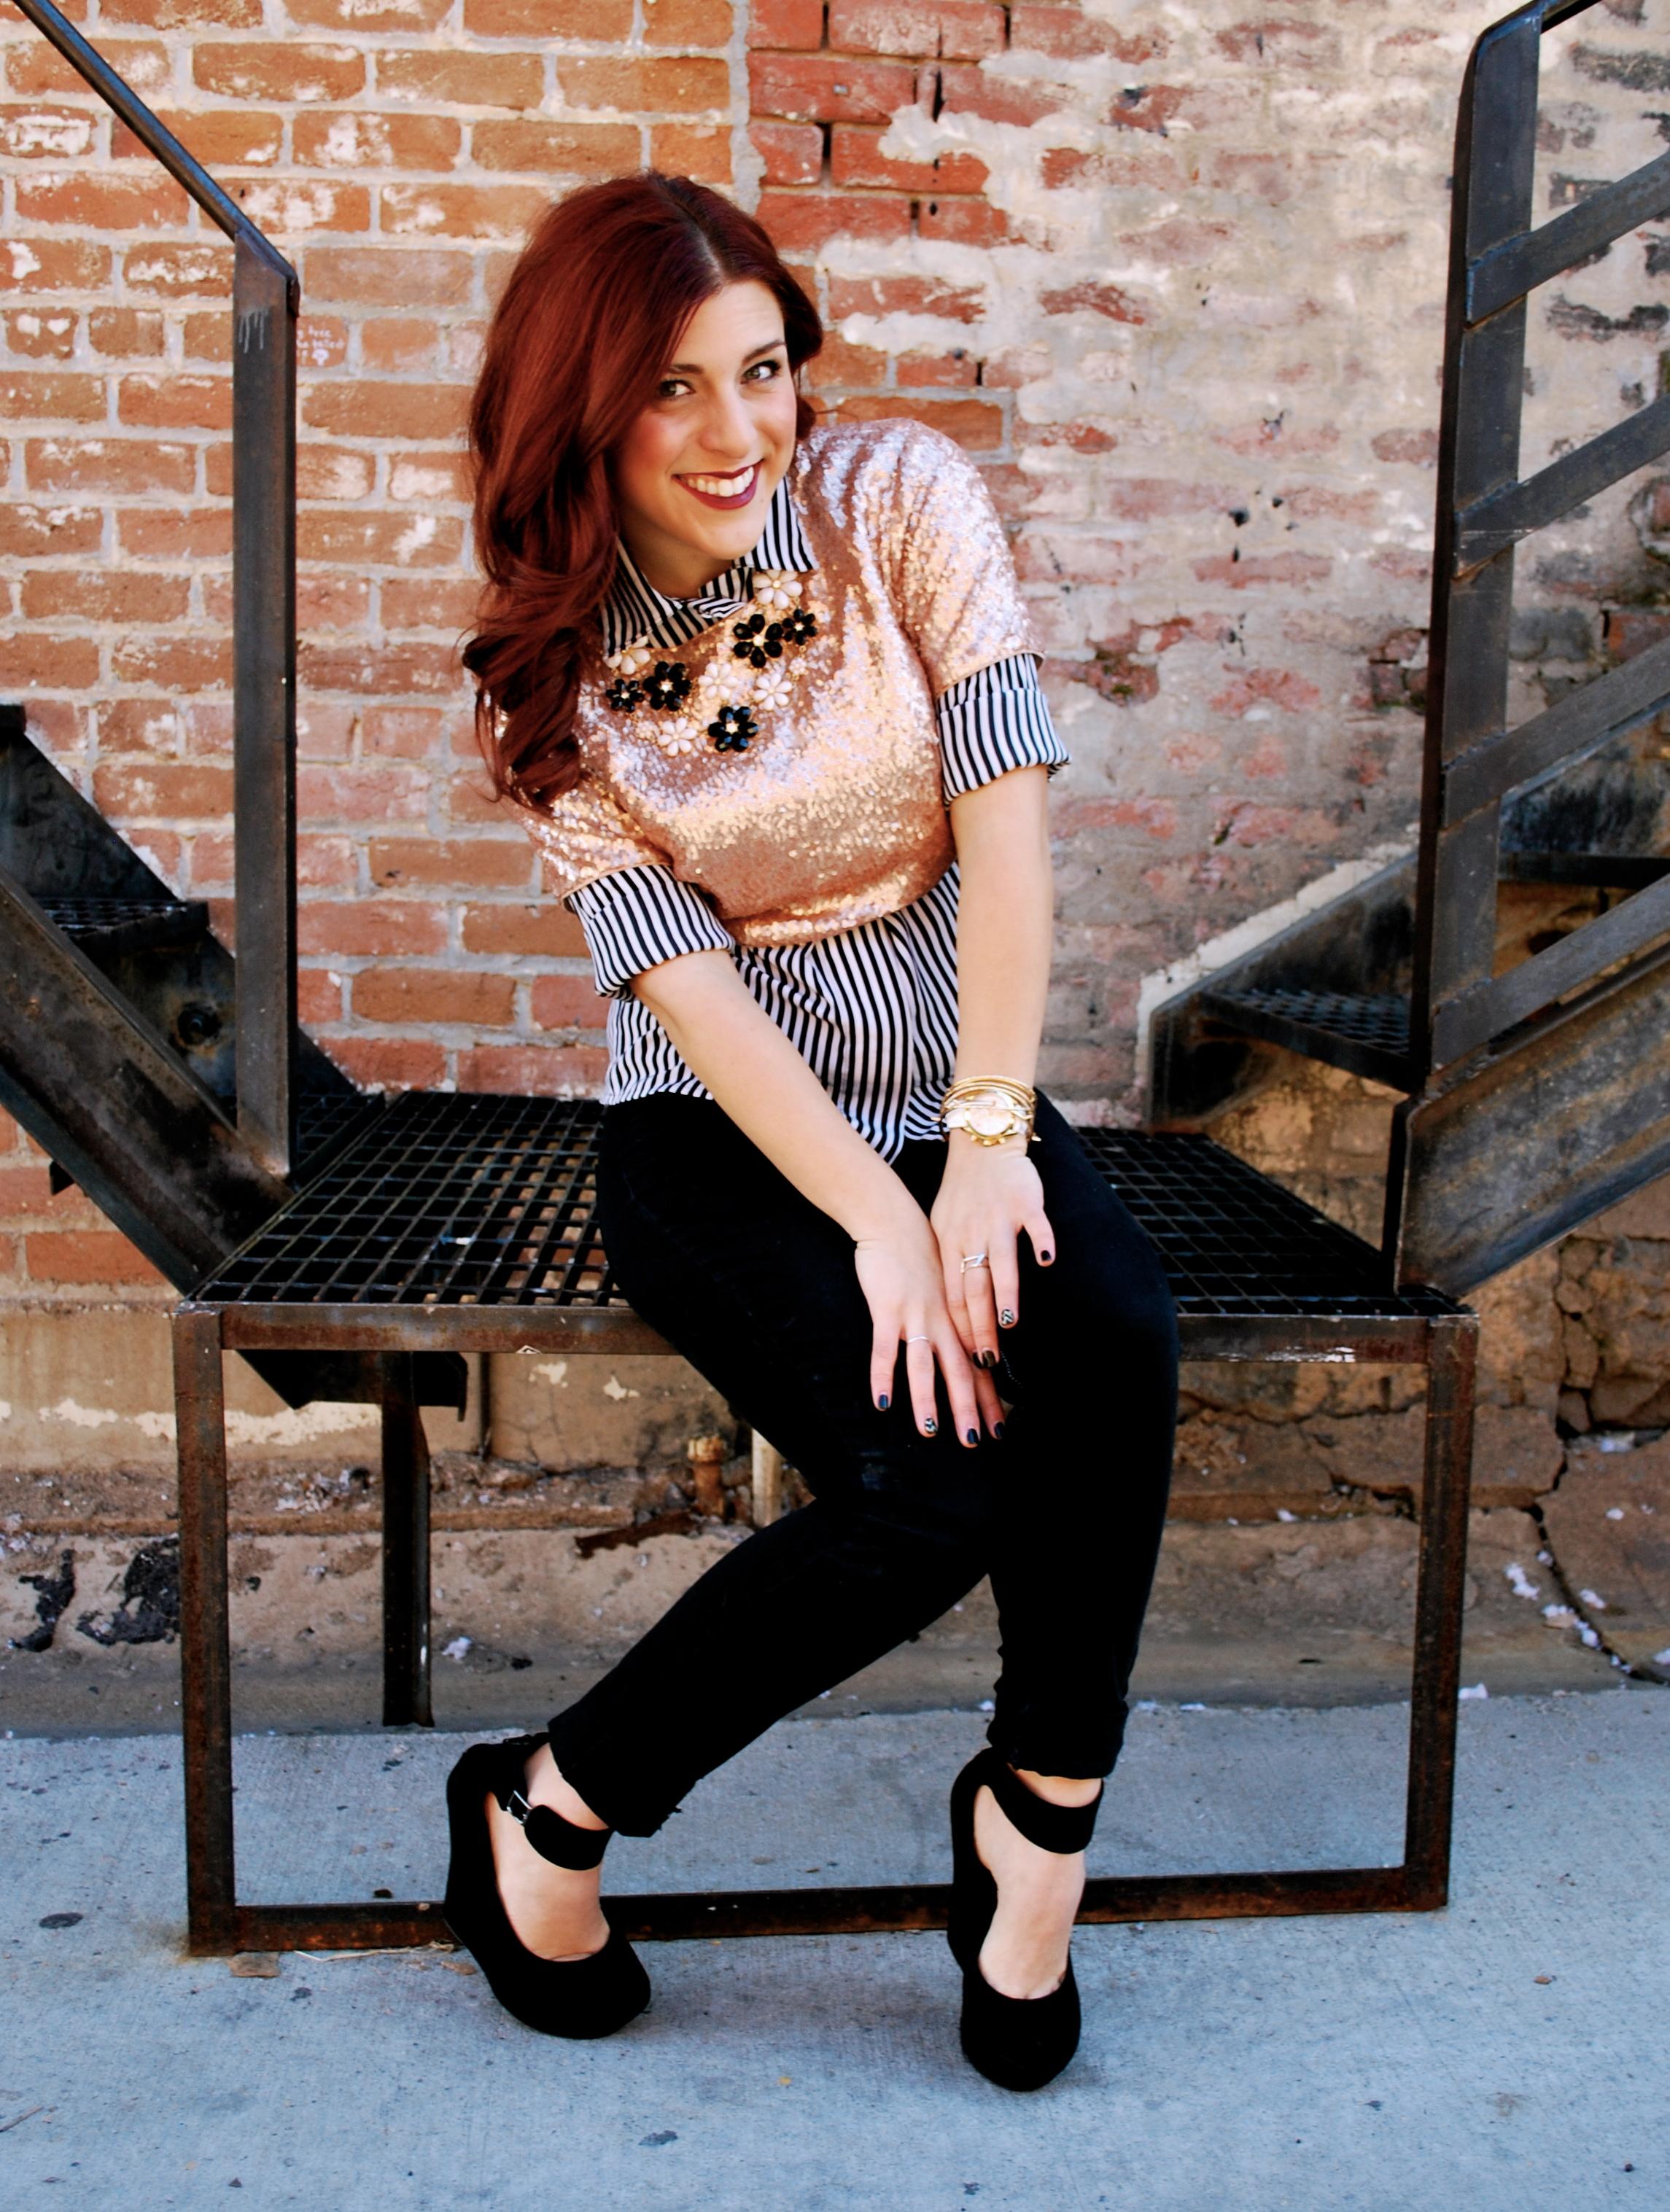 Skinny Redhead Porn Pics